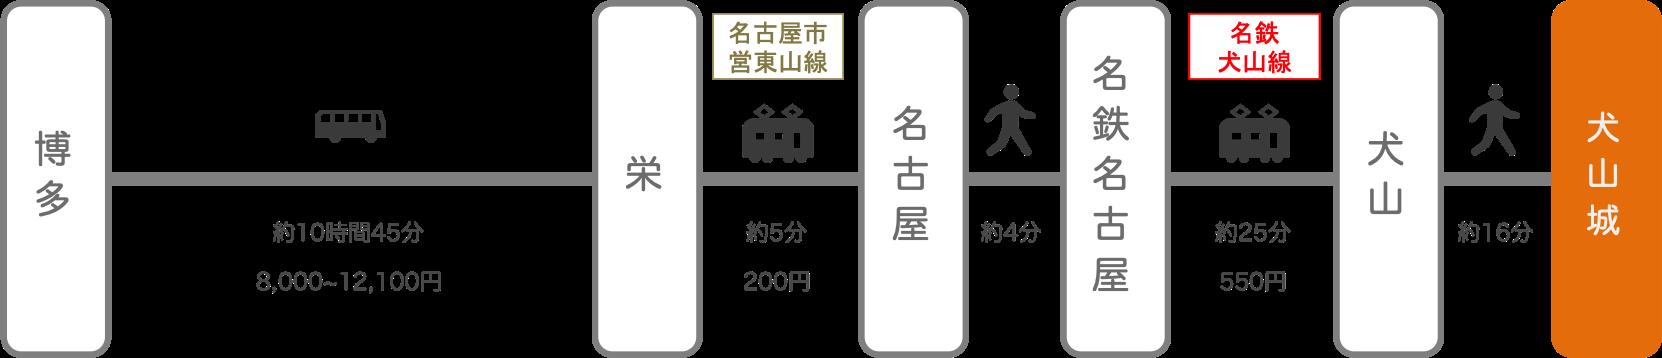 犬山城_博多(福岡)_高速バス